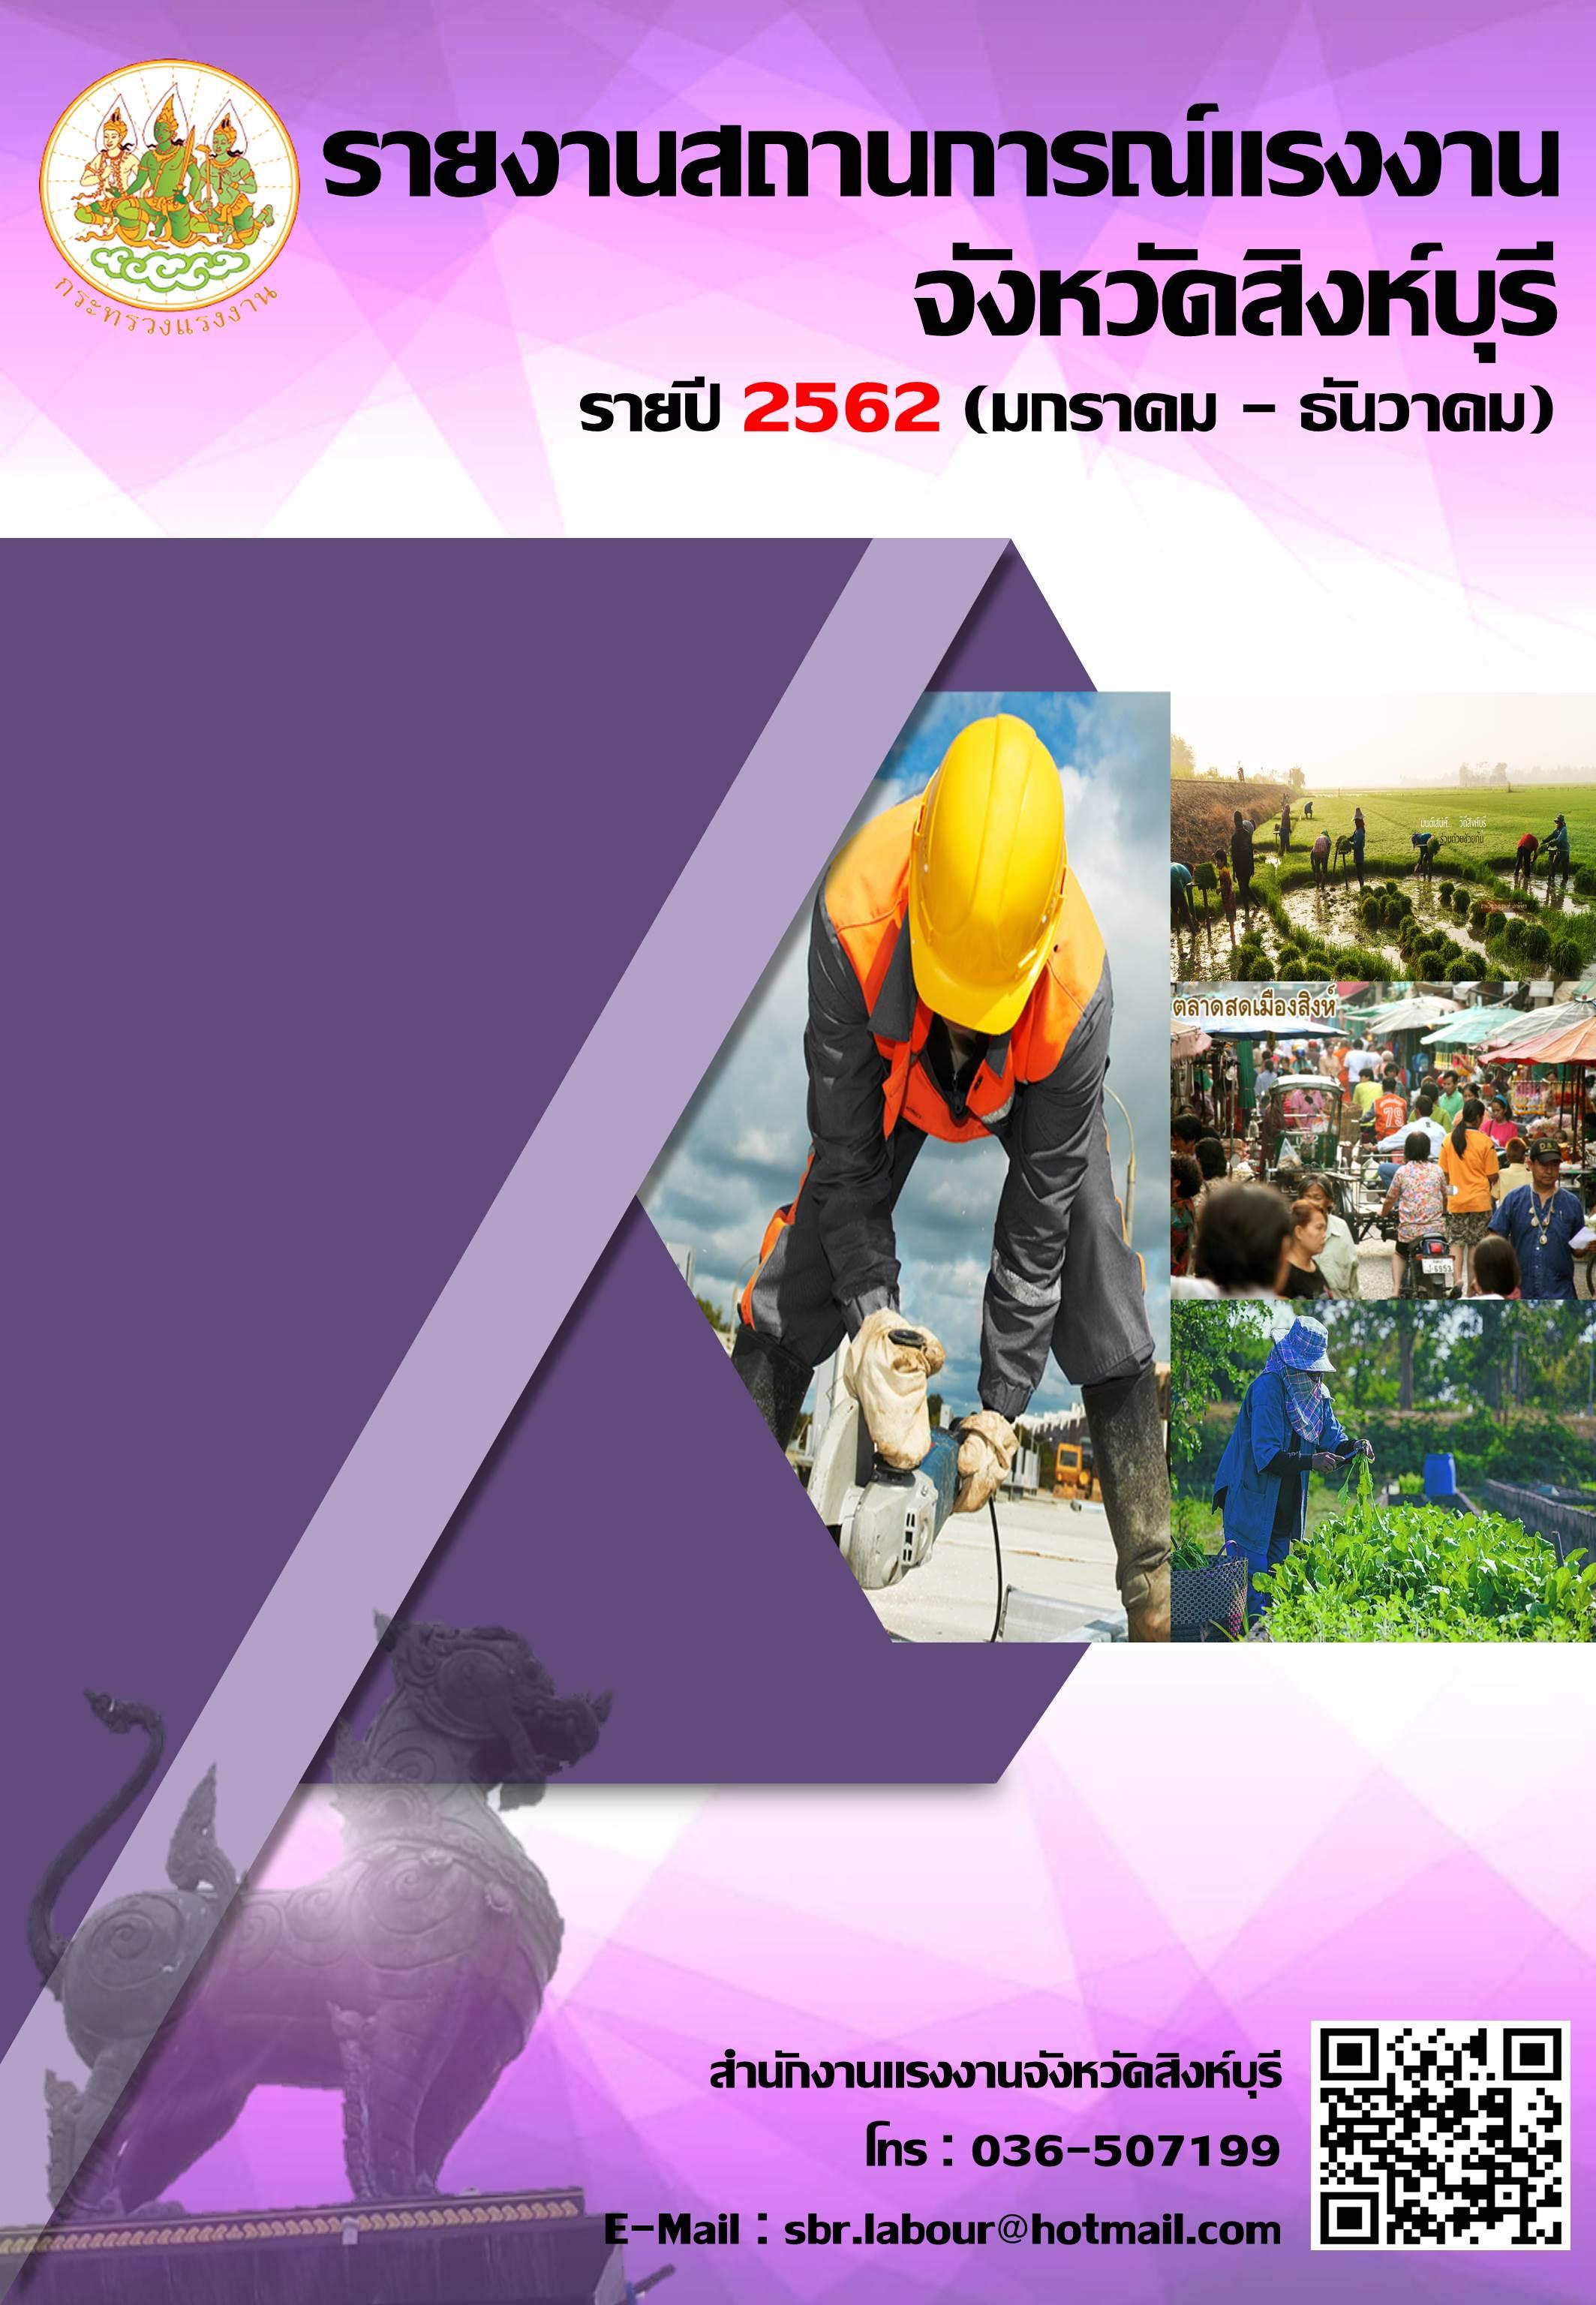 รายงานสถานการณ์แรงงานและดัชนีชี้วัดภาวะแรงงานจังหวัดสิงห์บุรี รายปี 2562 (มกราคม – ธันวาคม) 2562)